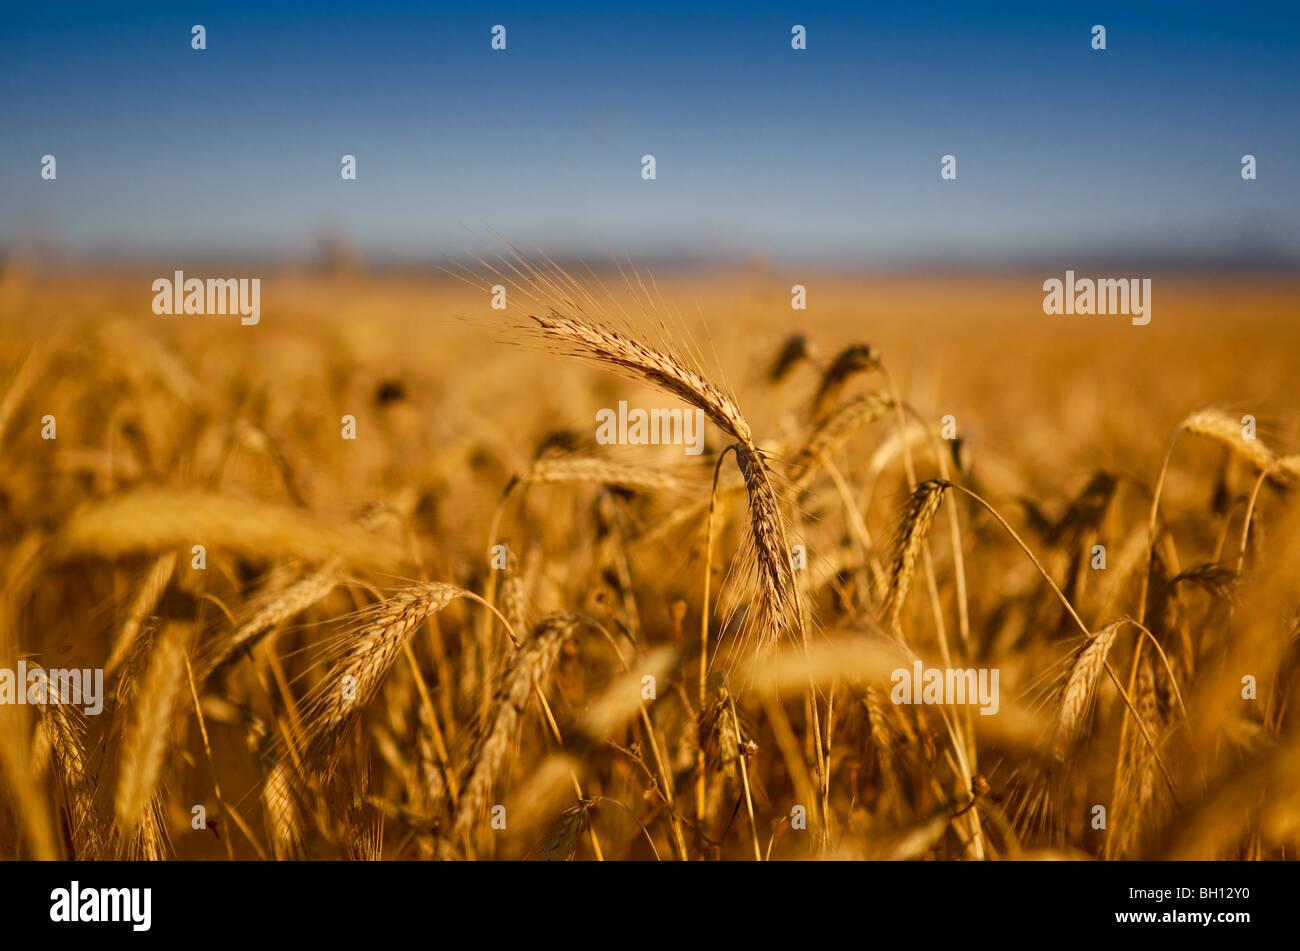 Bellissimo paesaggio immagine di un campo di grano Immagini Stock